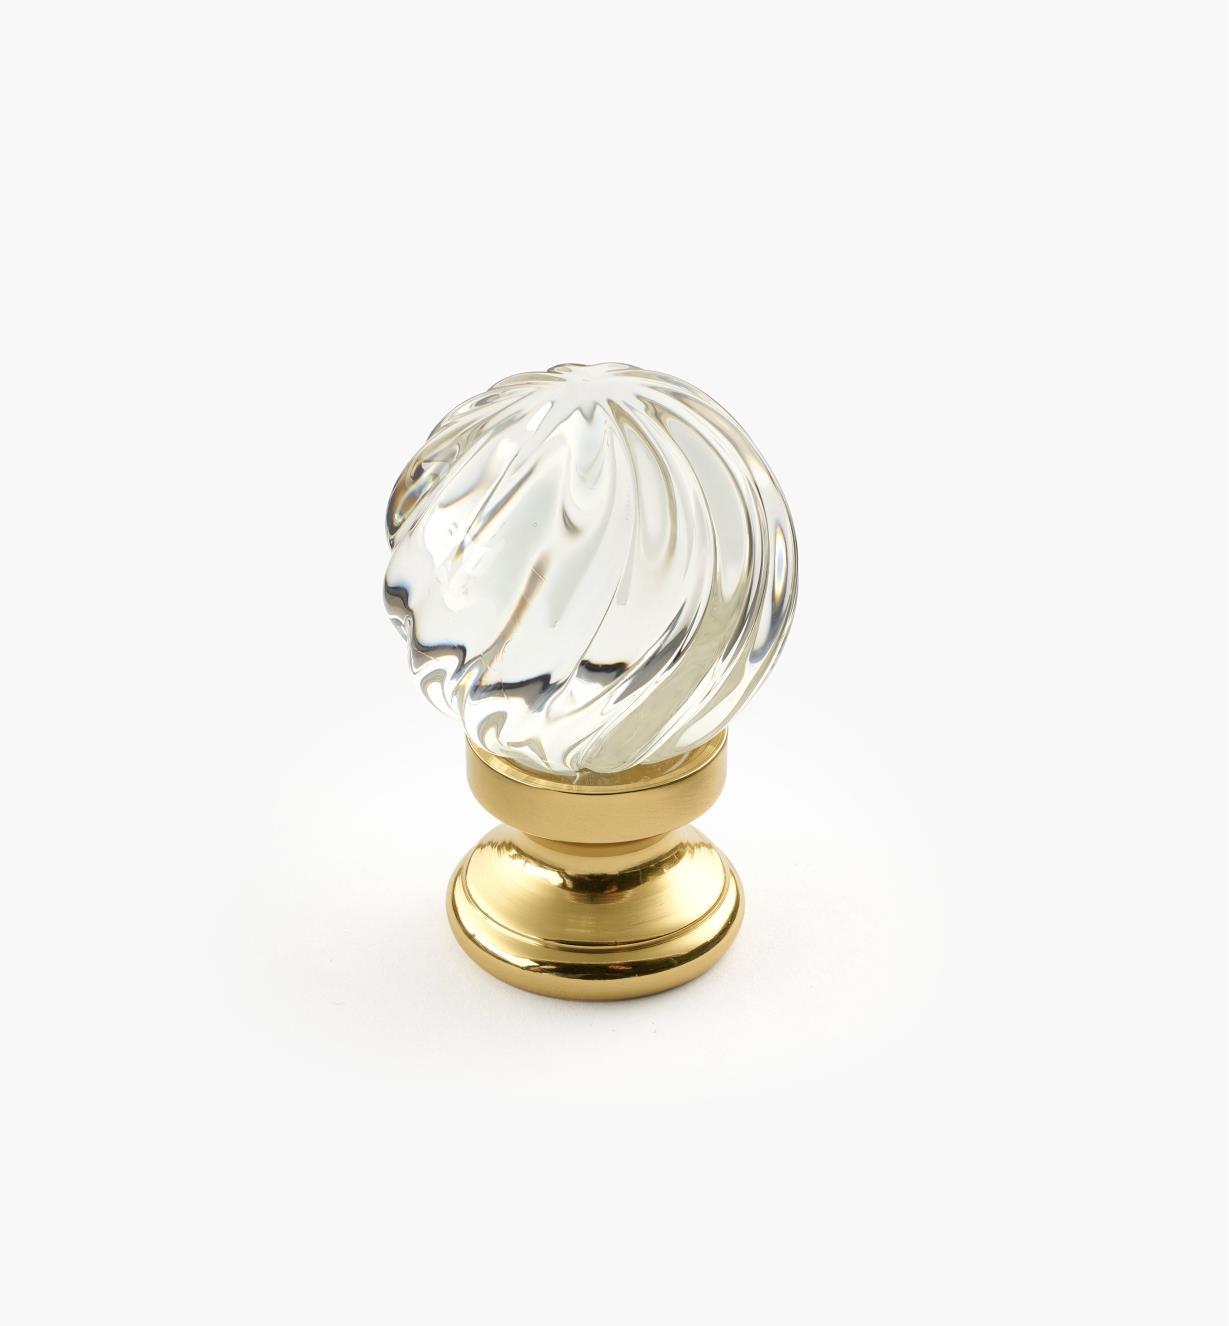 01W2630 - Glass Spiral Knob